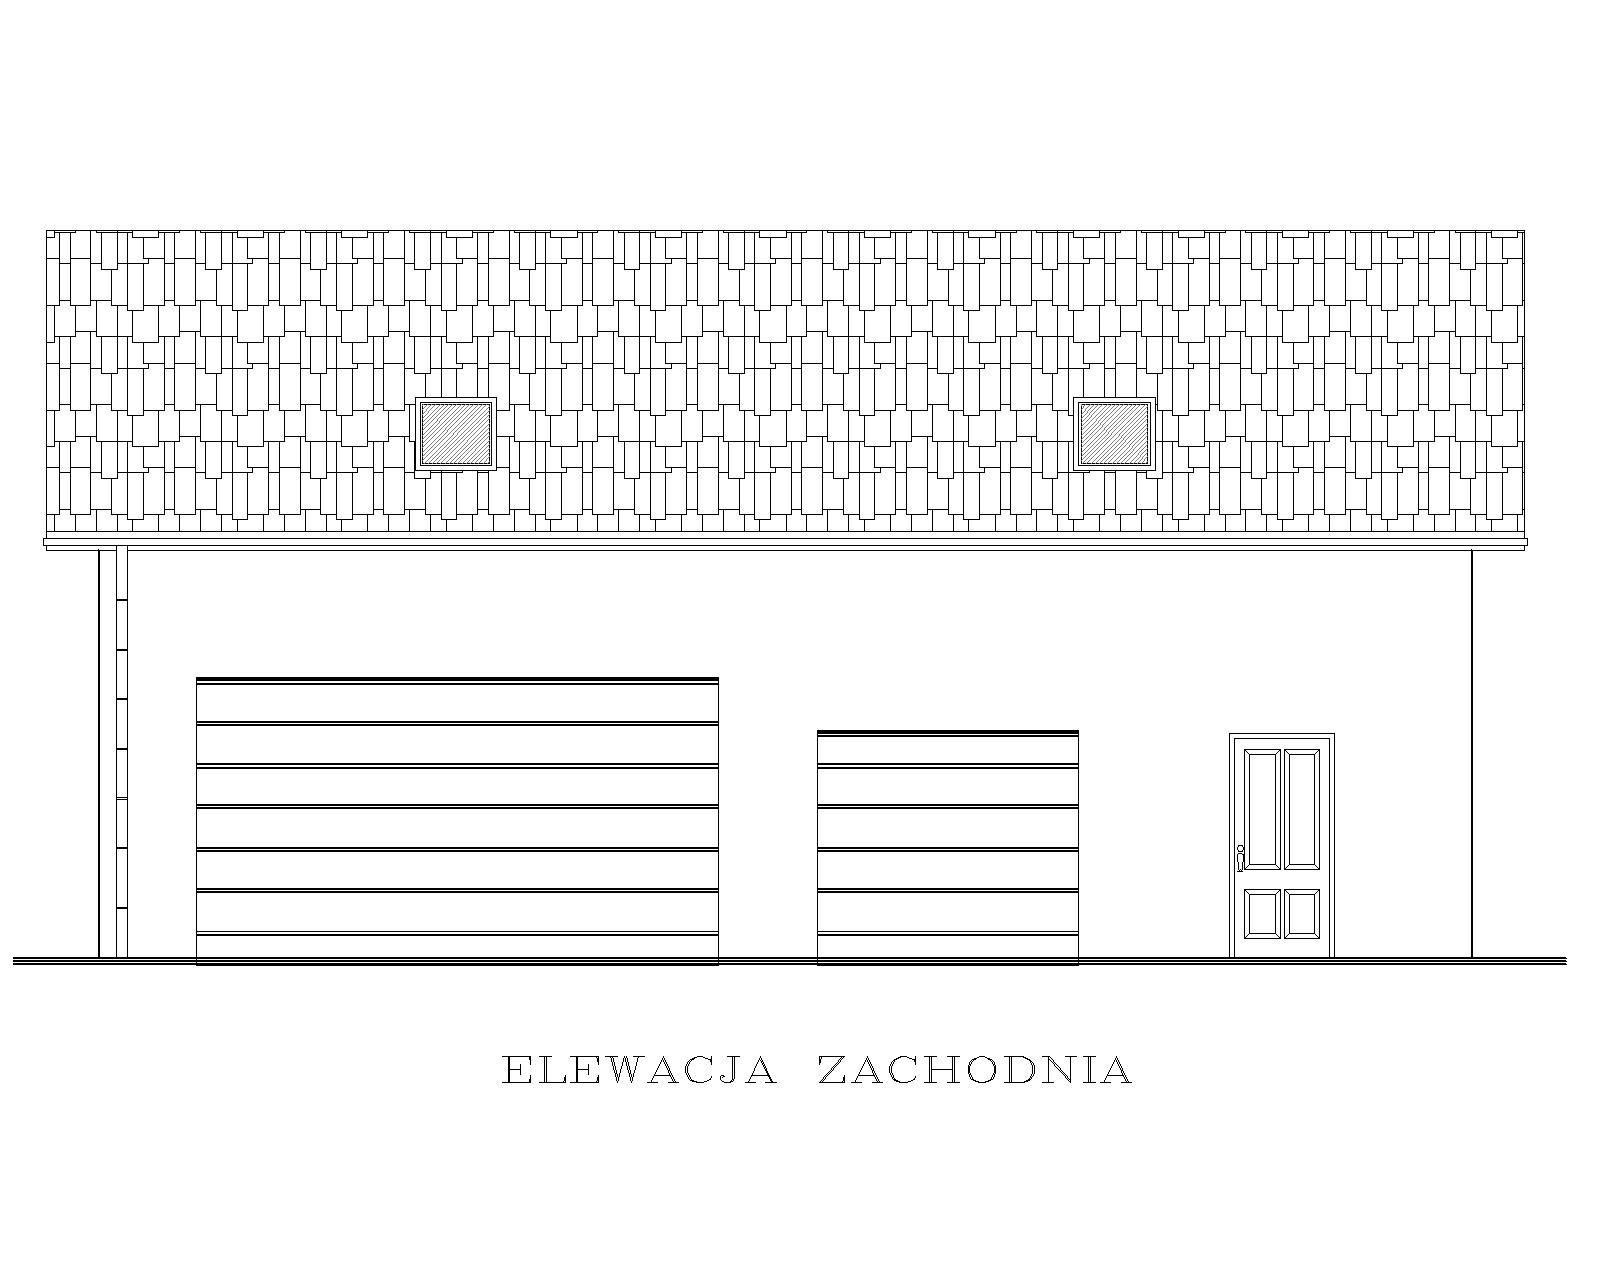 elewacja52